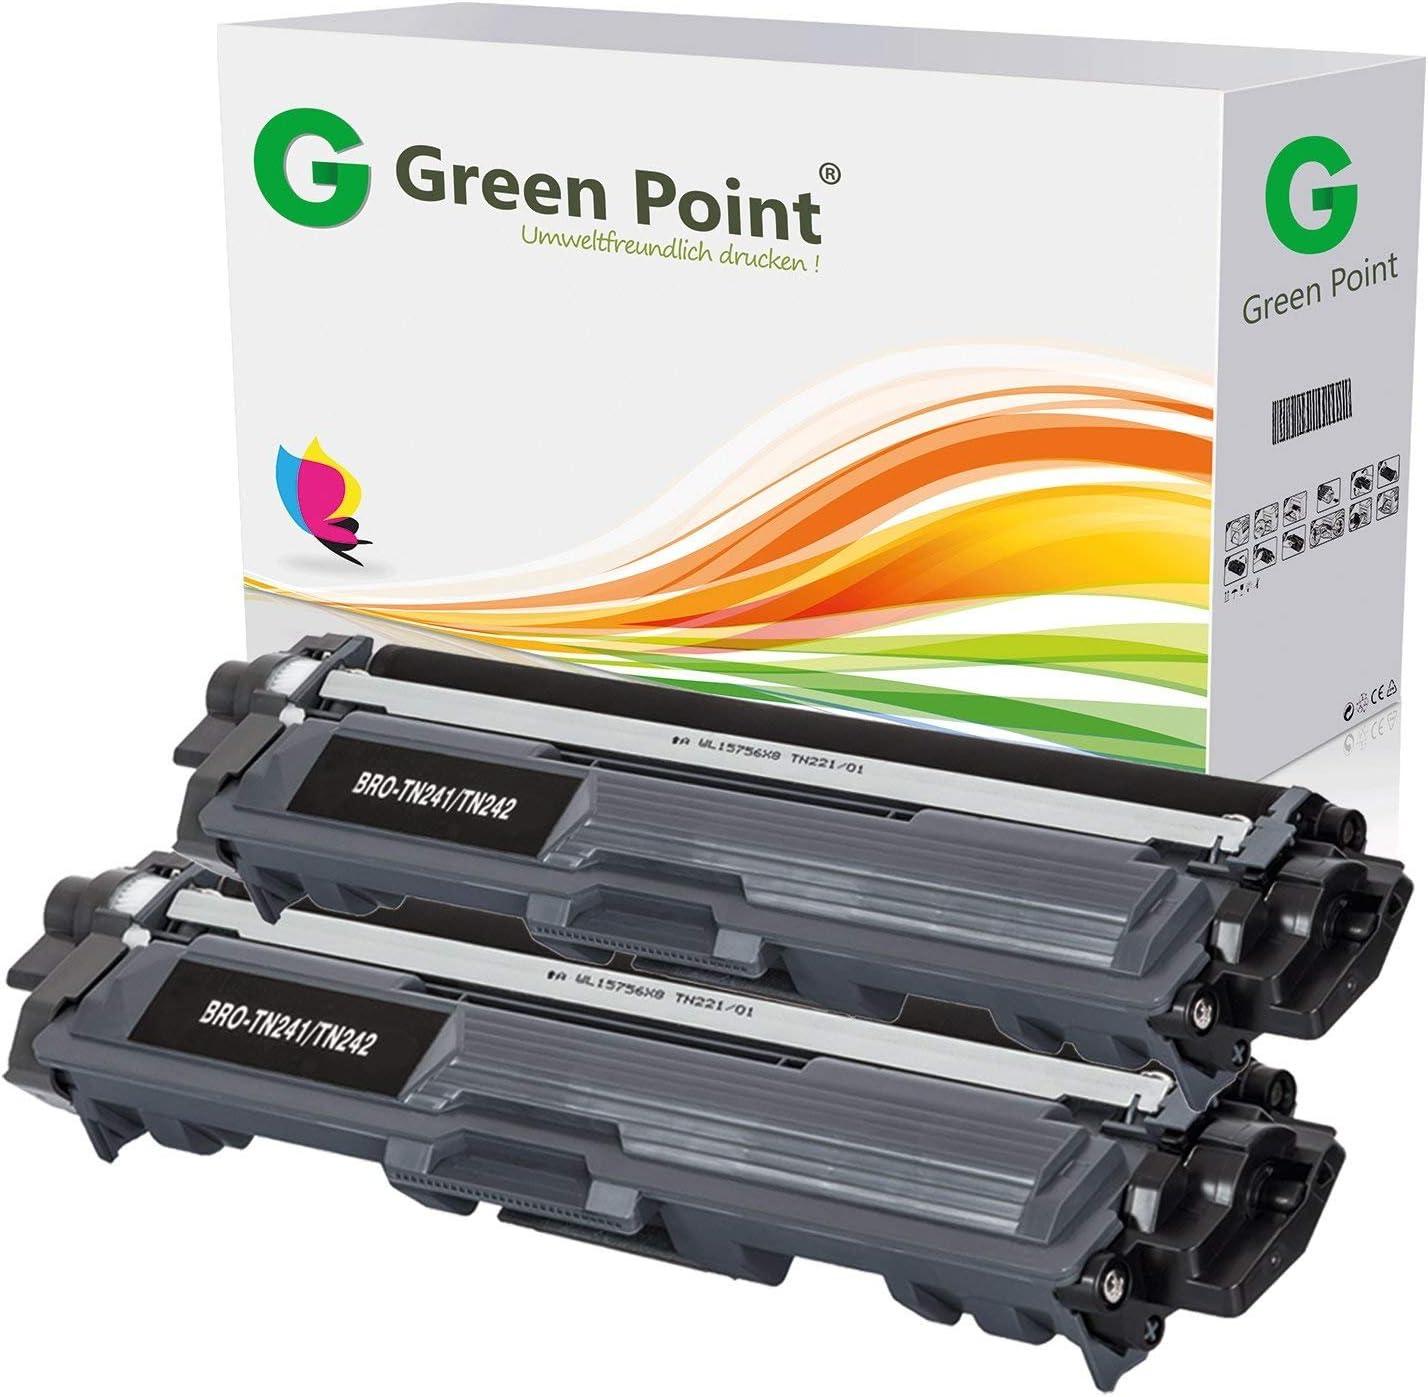 2 Greenpoint Toner Kompatibel Zu Brother Tn 241bk Tn 245bk Hl 3150 3170 Cw Cdw Dcp 9022 Mfc 9342 9142 9332 Cdn Cdw Schwarz Je 2 500 Seiten Bürobedarf Schreibwaren